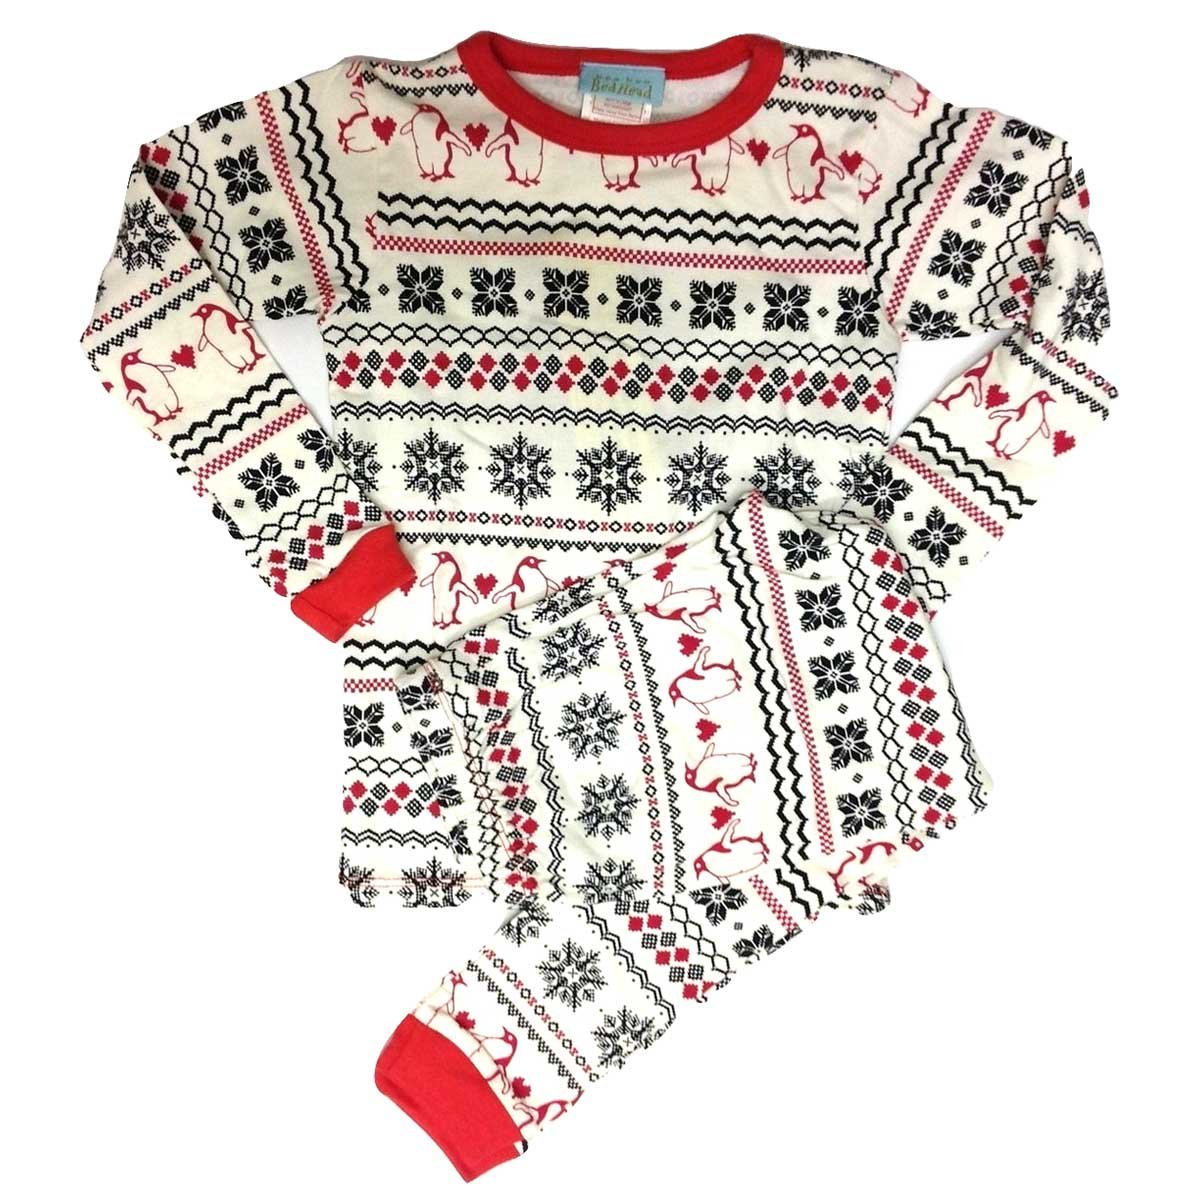 『4年保証』 [BedHead [BedHead 8(130cm) Pajamas (ベッドヘッドパジャマズ)] パジャマ キッズ こども 長袖 ストレッチ ストレッチ Penguin Fairisle 8(130cm) B00PRX18SI, レディースファッション 宮崎商店:c9ec0166 --- a0267596.xsph.ru